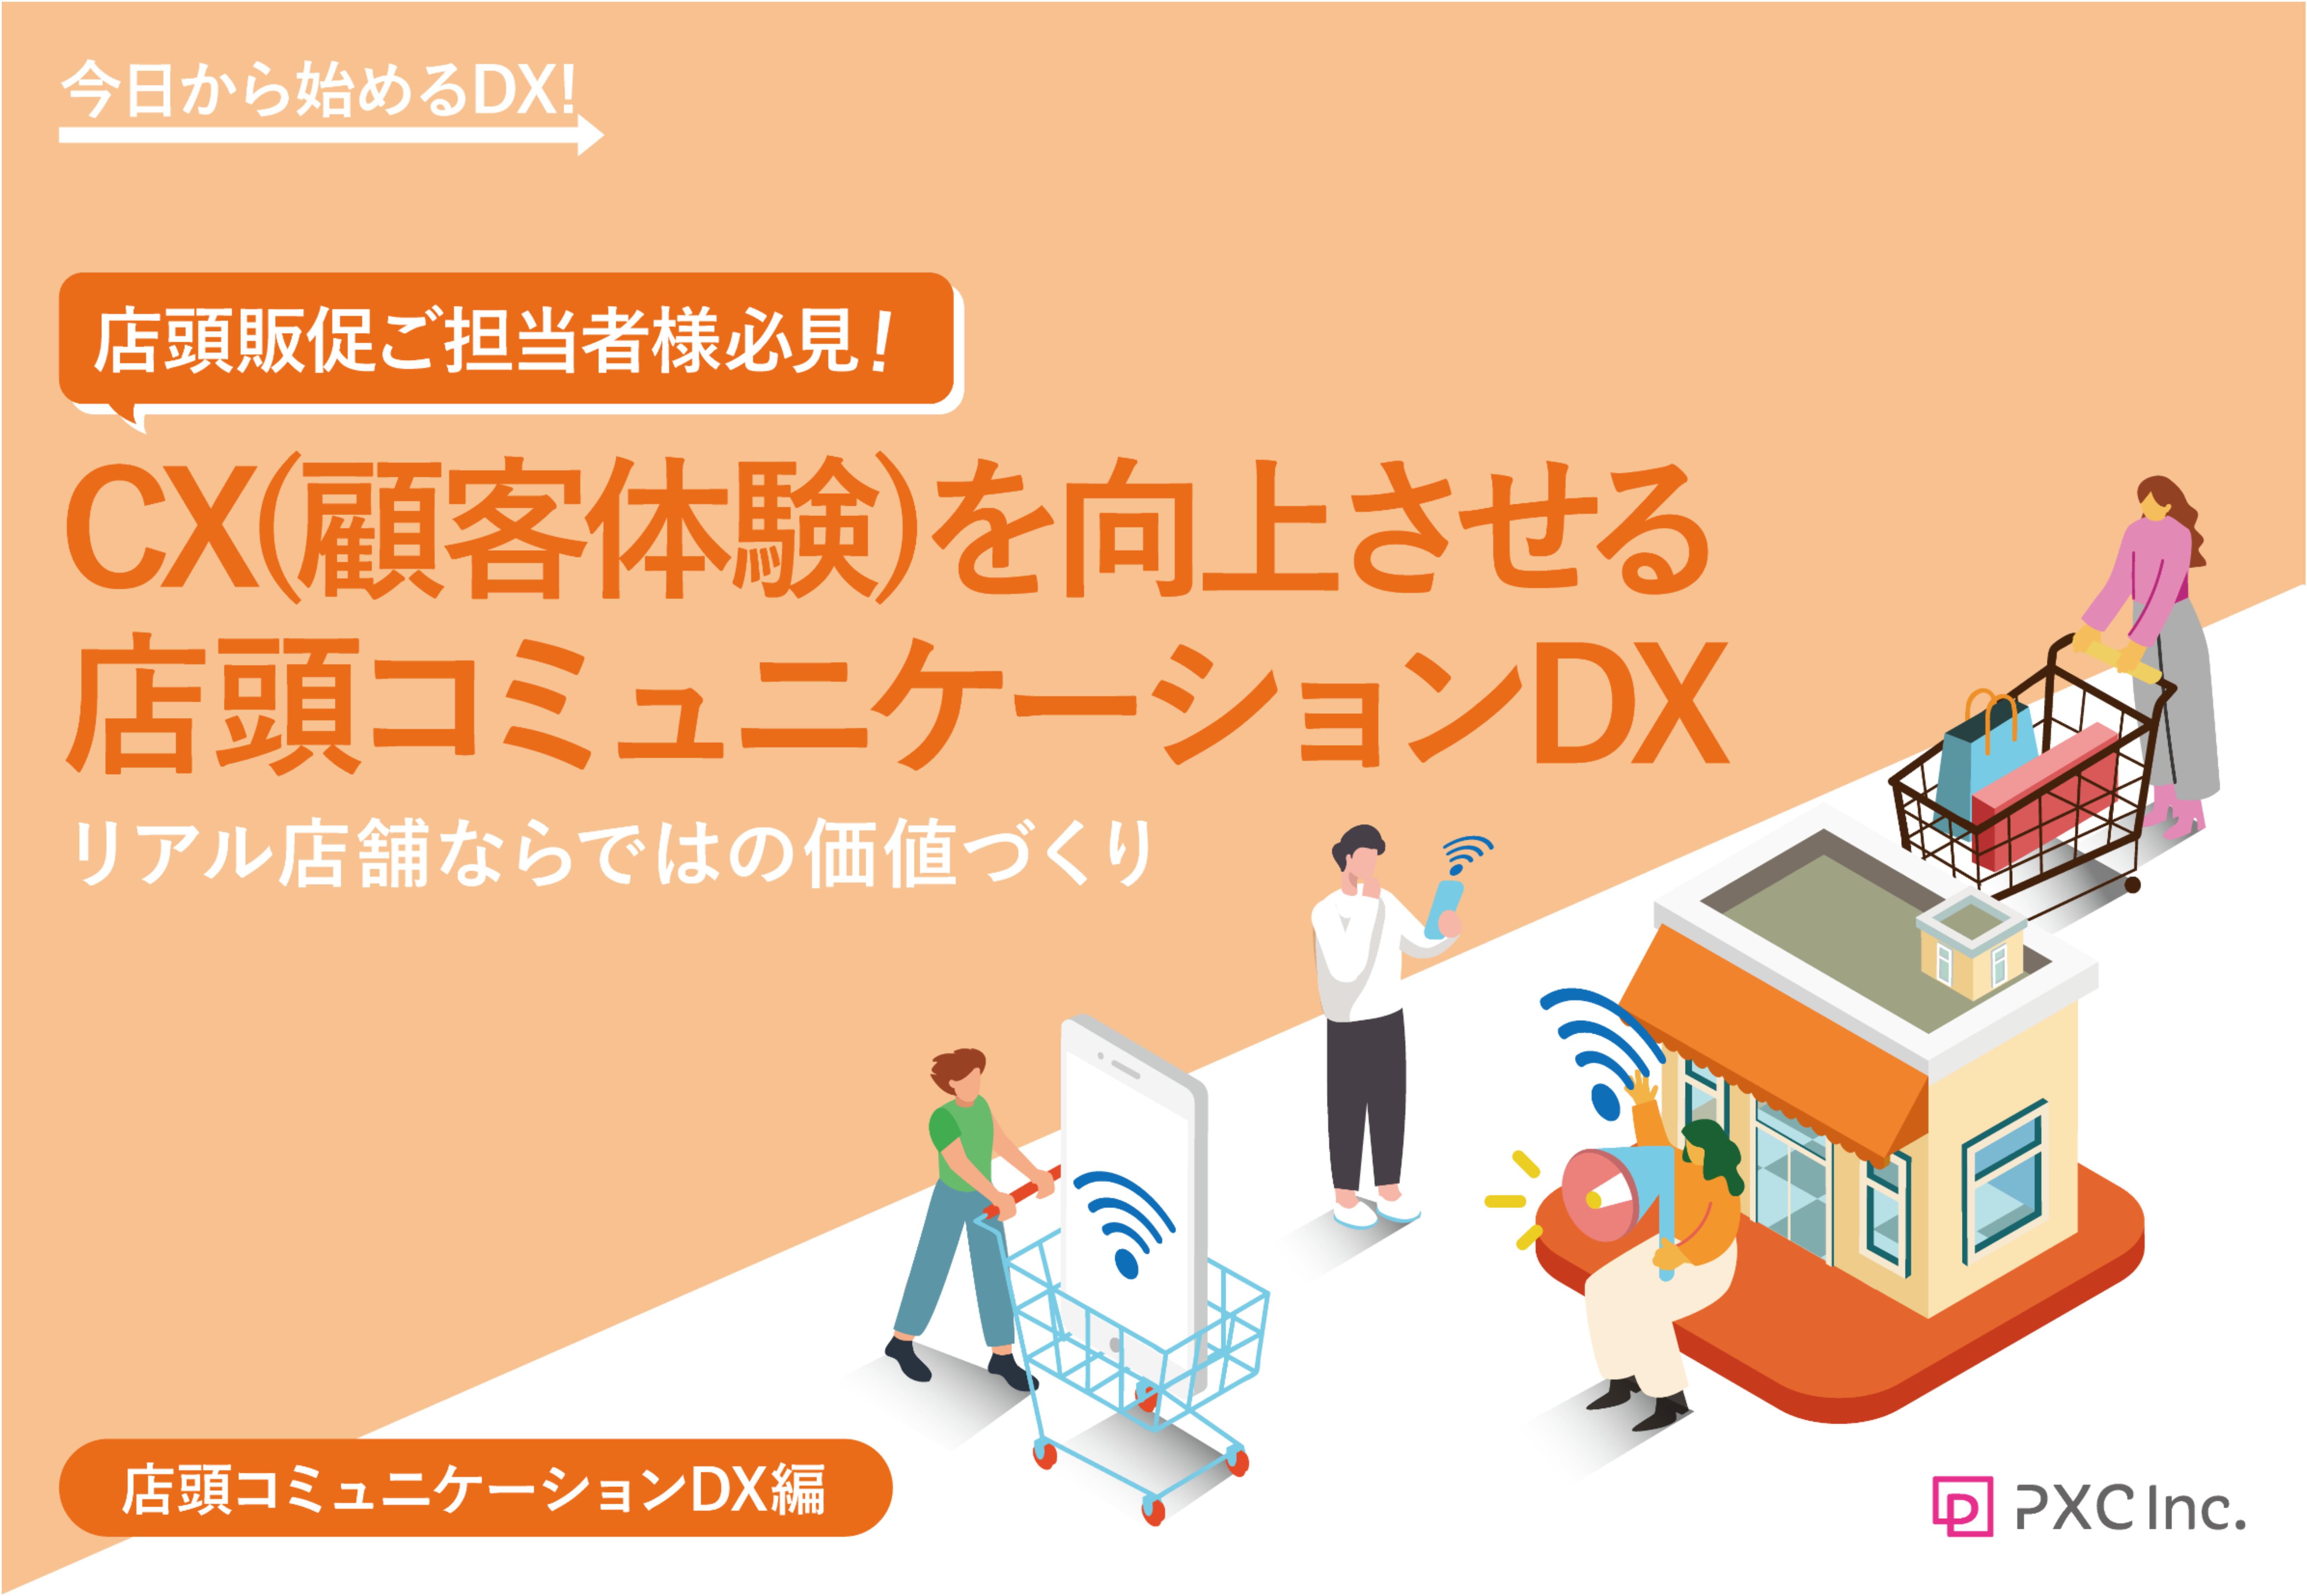 ~今日から始めるDX~CX(顧客体験)を向上させる店頭コミュニケーションDX